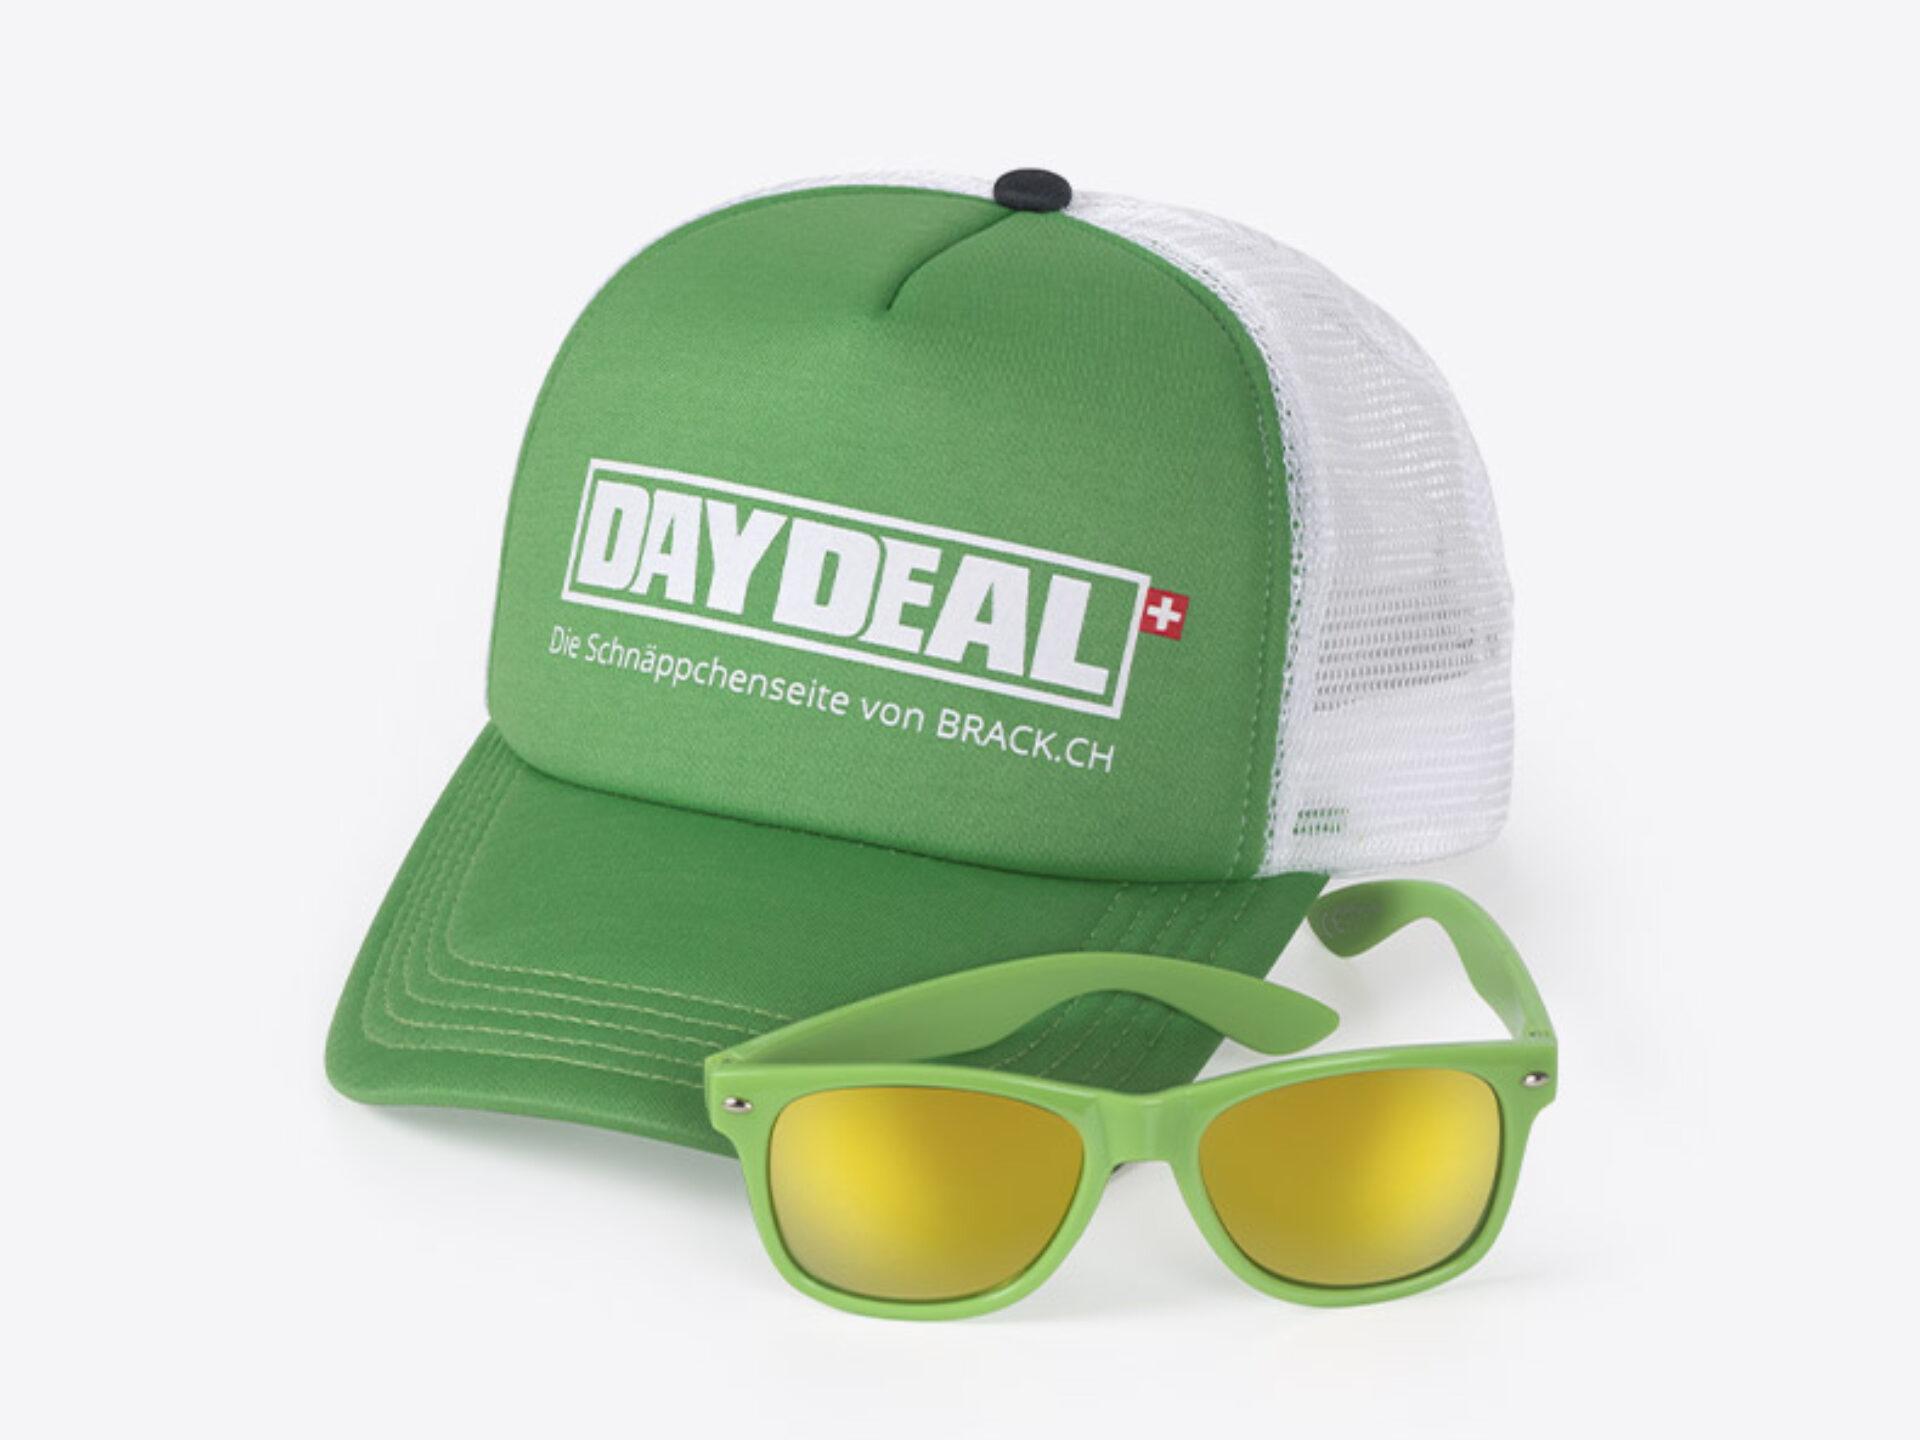 brack.ch-daydeal.ch-trucker-cap-brille-mit-logo-bedruckt-zurich